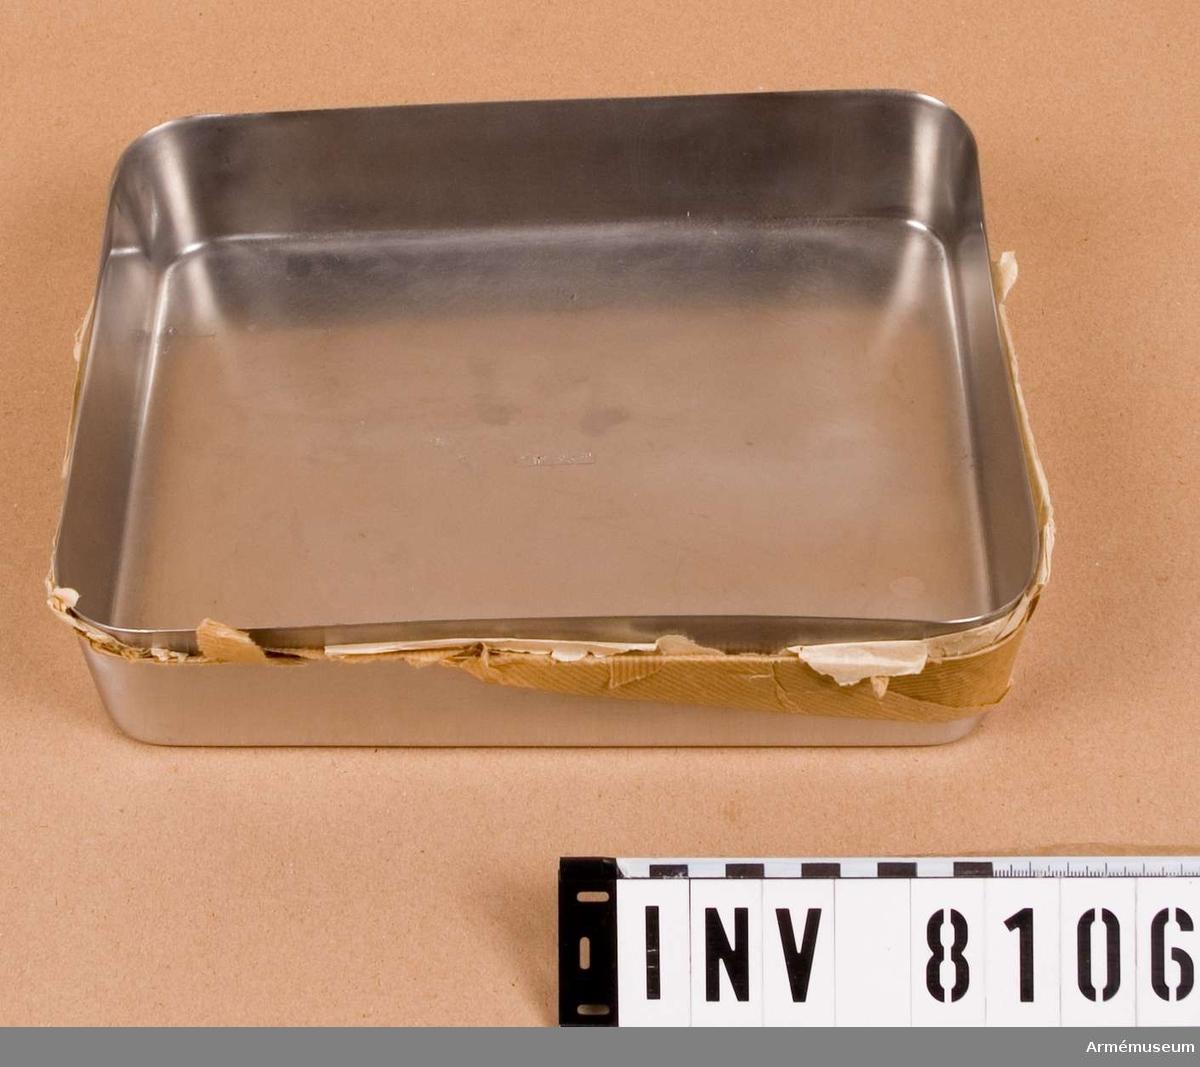 """Rak skål av rostfritt eller syrafast stål. Märkt med texten """"HASSELBLAD SWEDEN"""" i en fyrkant. Tillverkare Hasselblad med  säte i Göteborg. Ingår i fotomaterielsats 7 låda 1."""